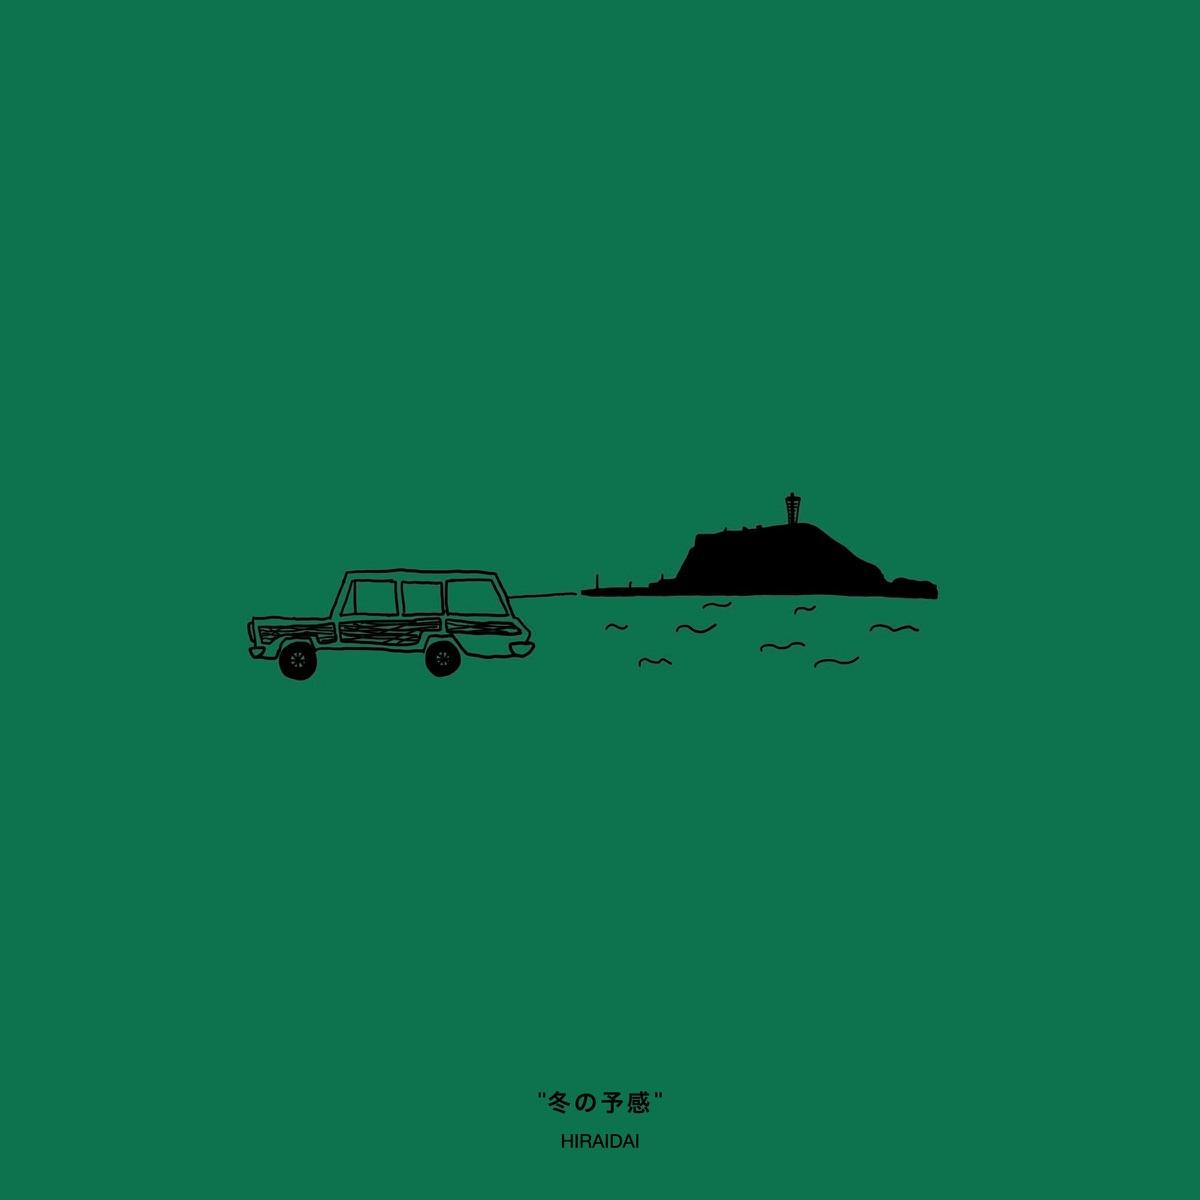 『平井大 - 冬の予感』収録の『冬の予感』ジャケット